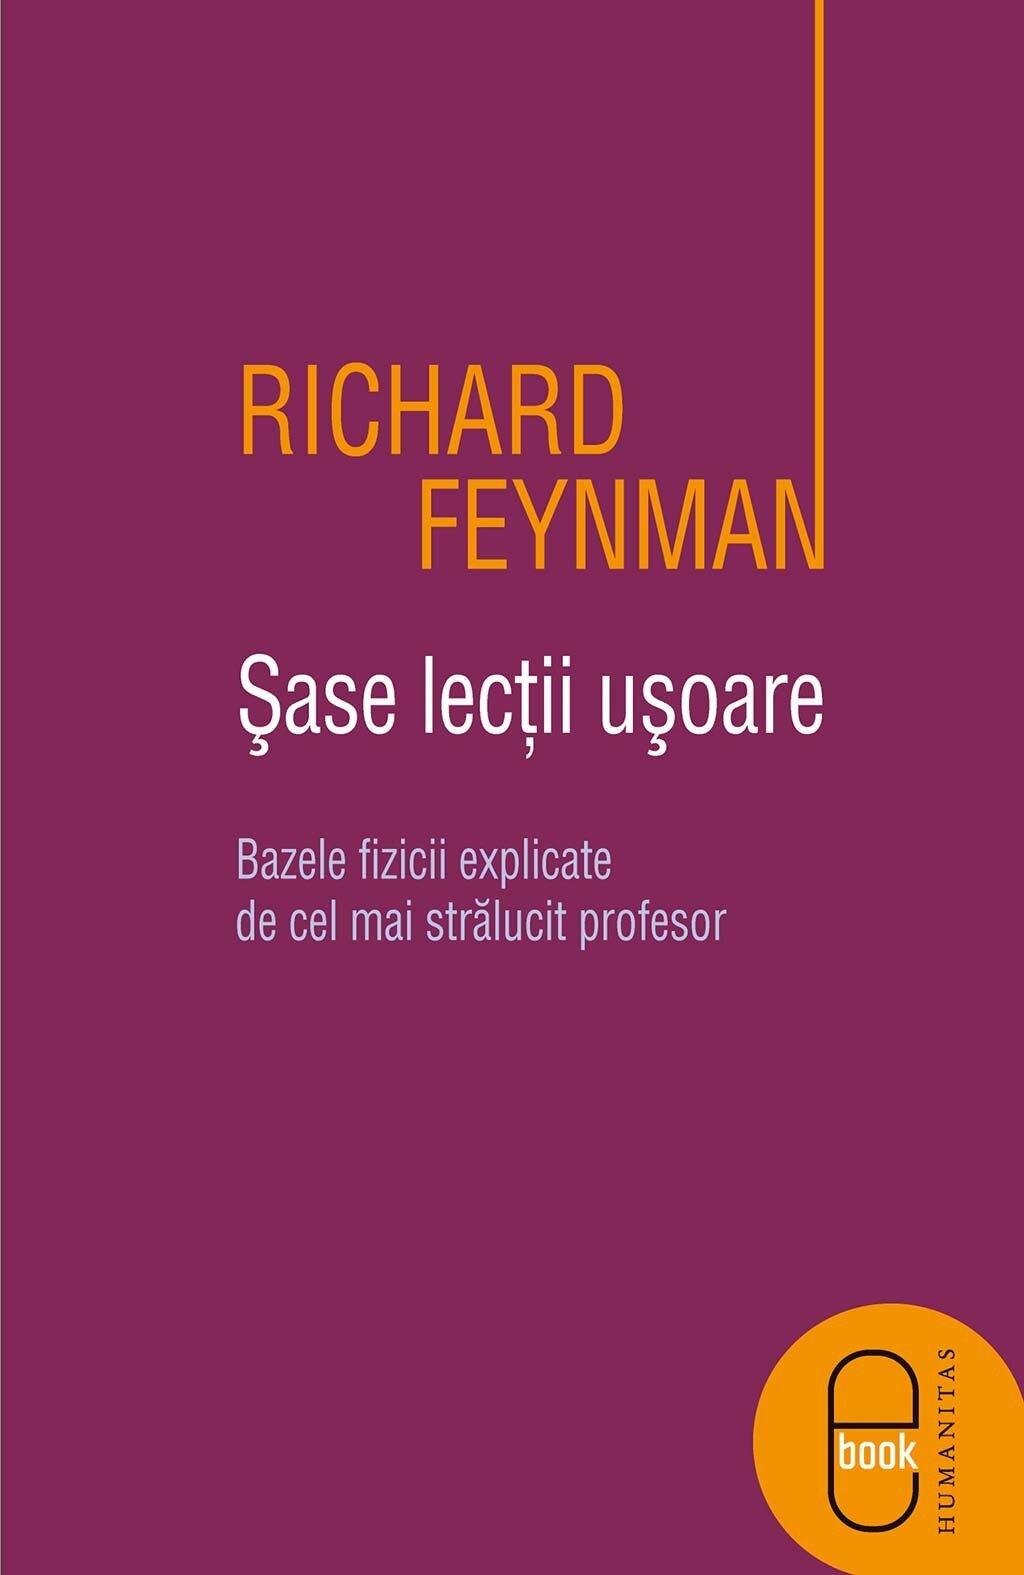 Sase lectii usoare. Bazele fizicii explicate de cel mai stralucit profesor PDF (Download eBook)